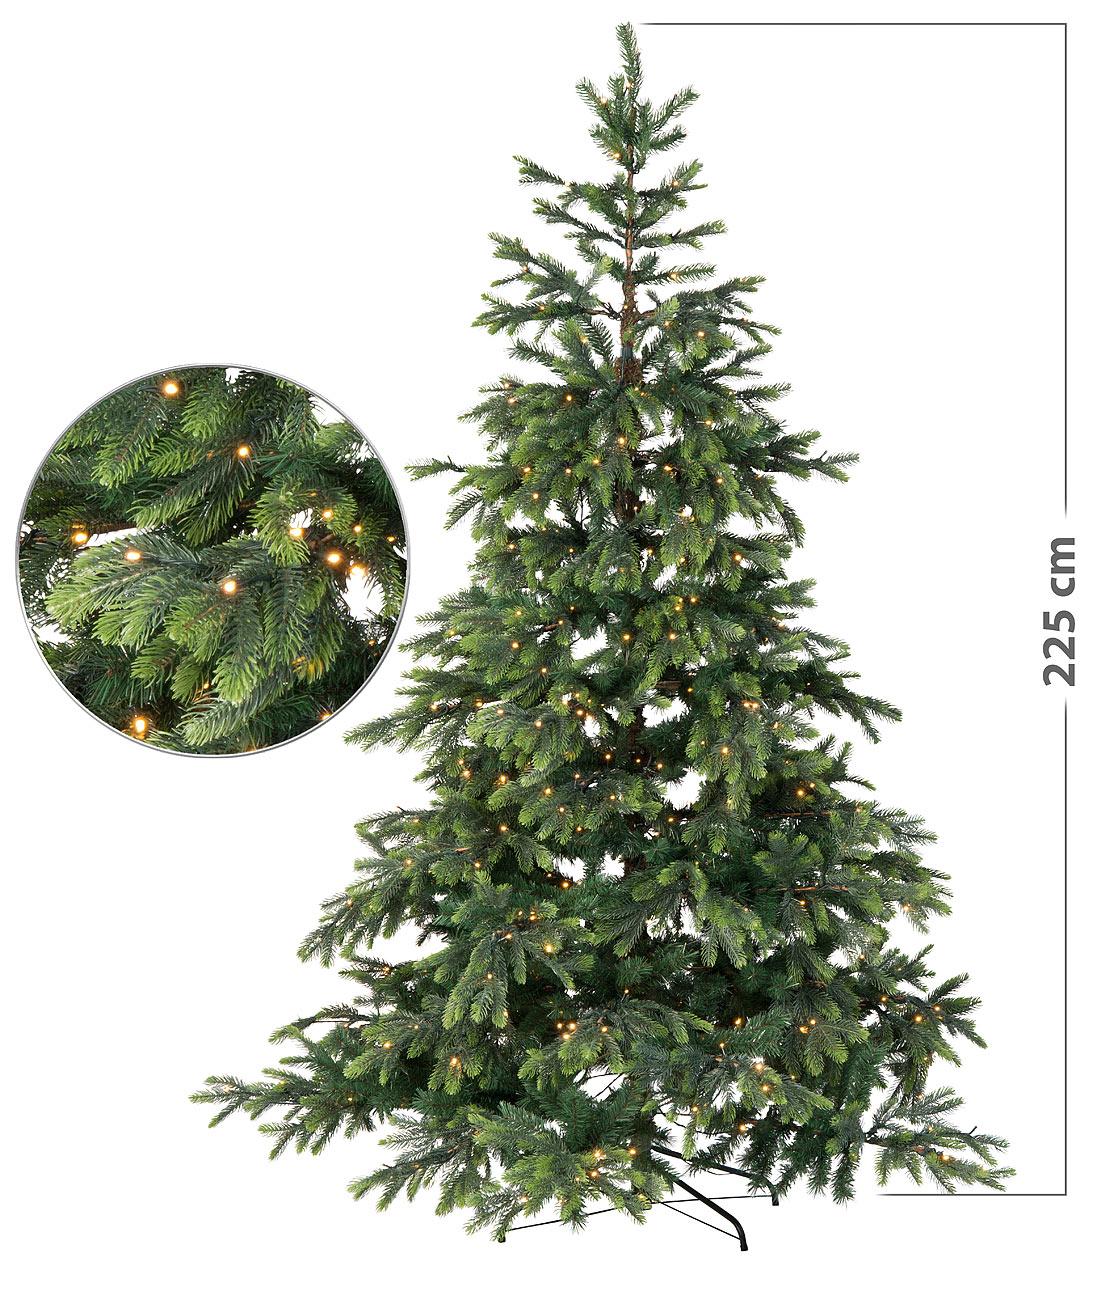 Albero Di Natale 70 Cm.Albero Di Natale Artificiale Con 500 Led E 70 Rami 225 Cm Colore Verde